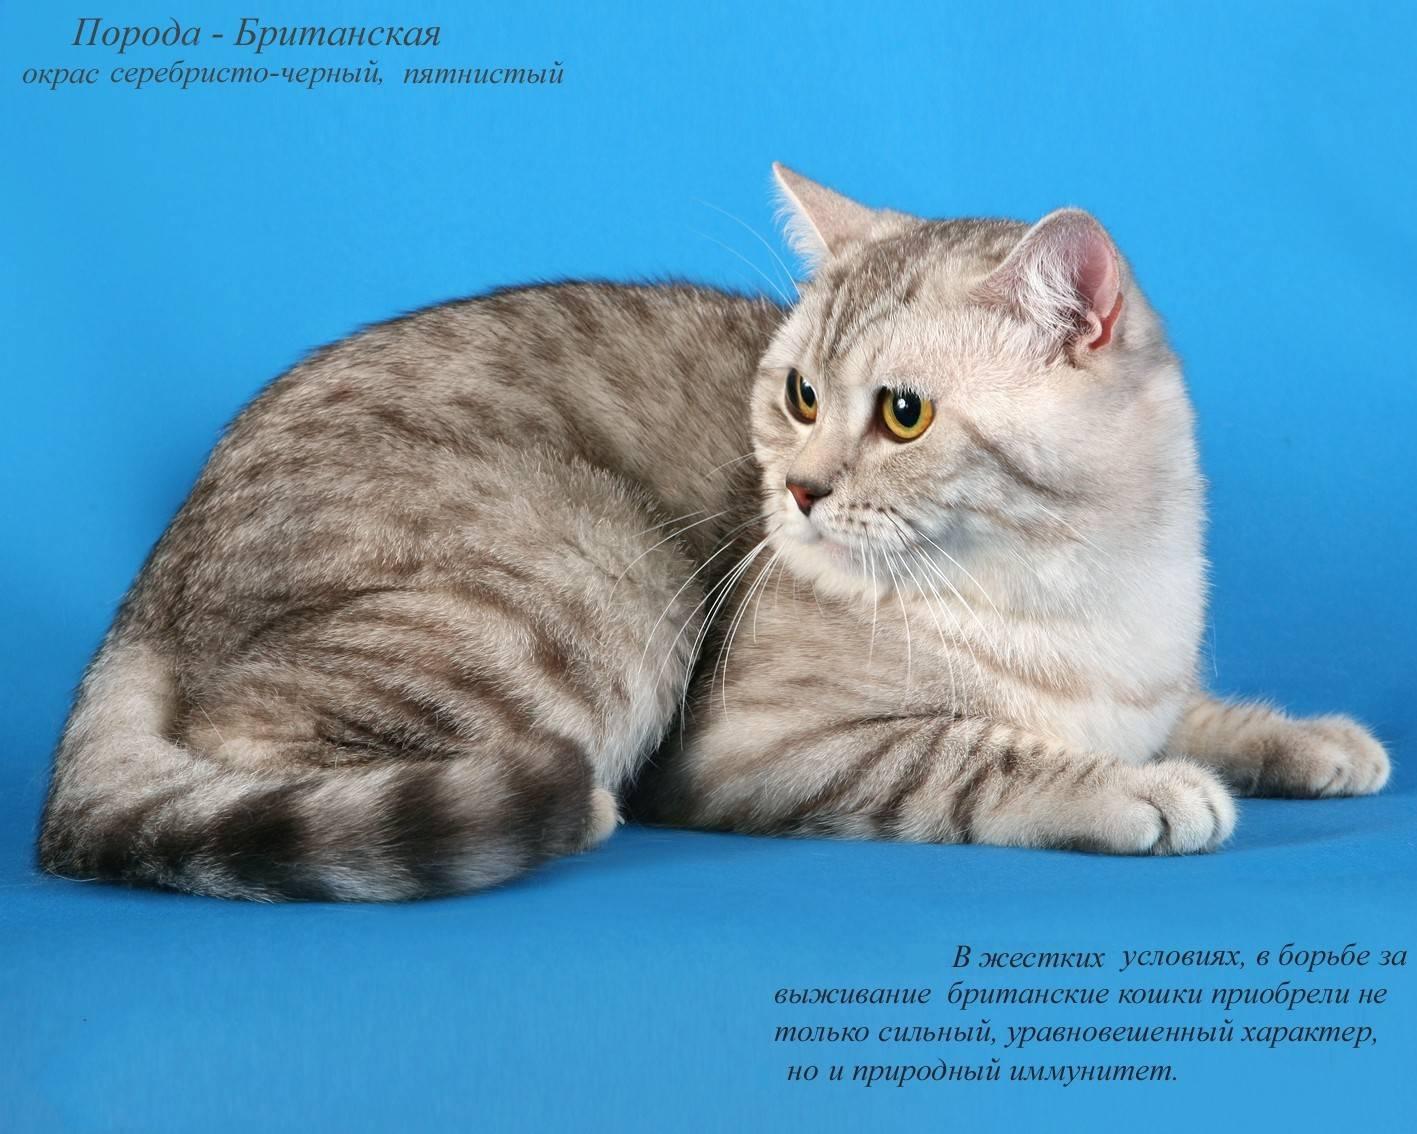 Европейская короткошерстная кошка - описание породы